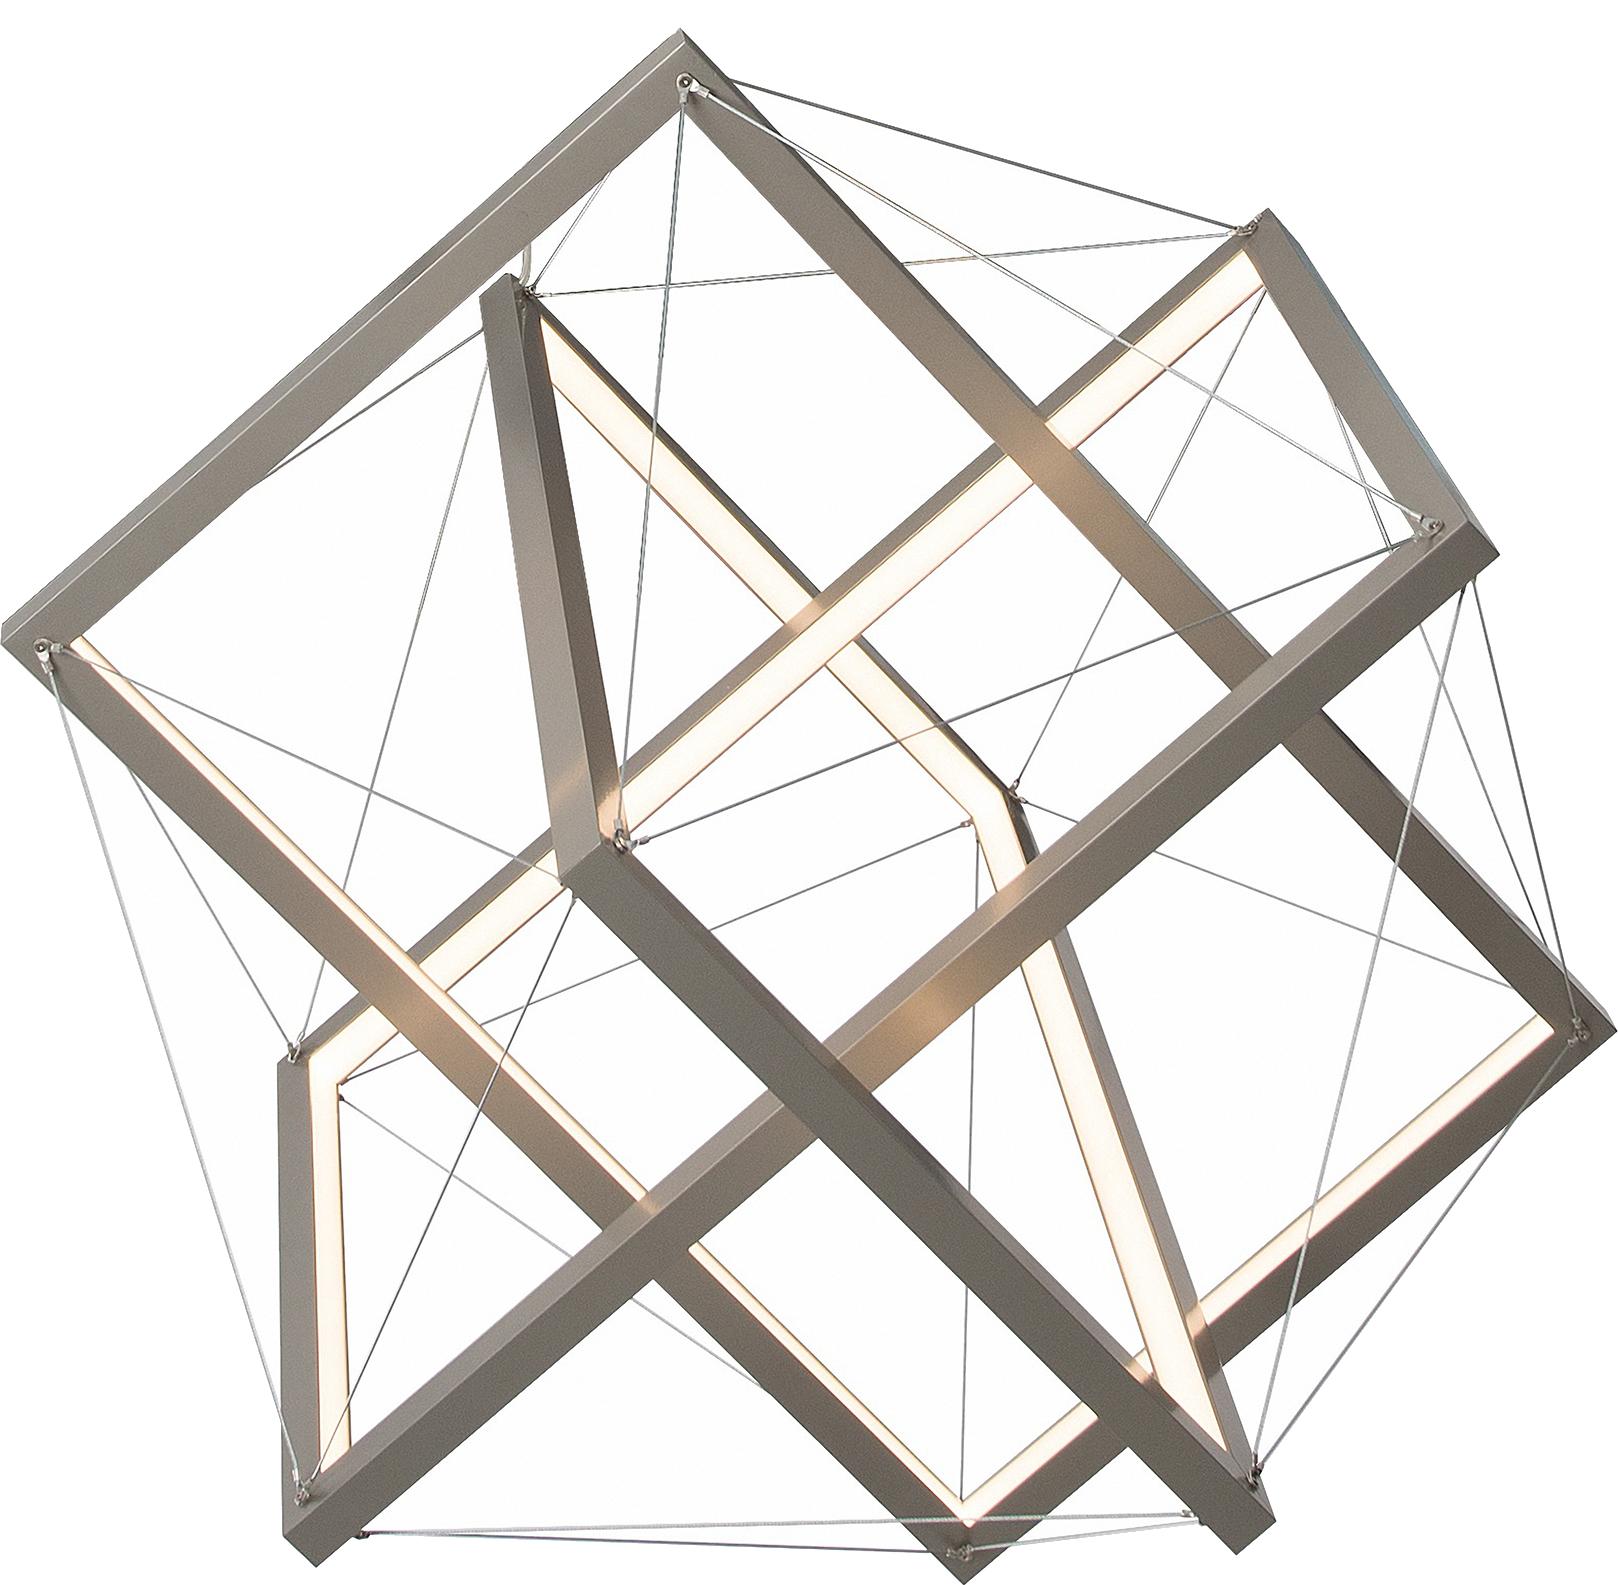 """14 Leuchte """"Goldener Schnitt"""", Lutz Koebele-Lipp, 2016 Mawa Design Die Gestalt der Leuchte """"Goldener Schnitt"""" leitet sich aus der geometrischen Form des Ikosaeders, dem """"Goldenen Rechtecke"""" eingeschrieben sind, ab. Die Bedeutung des Goldenen Schnitts als Regel für Harmonie rückt im Entwurfsprozess in den Hintergrund. Er ist nicht das kompositorische Werkzeug, sondern wird selbst zum gestaltgebenden Element."""